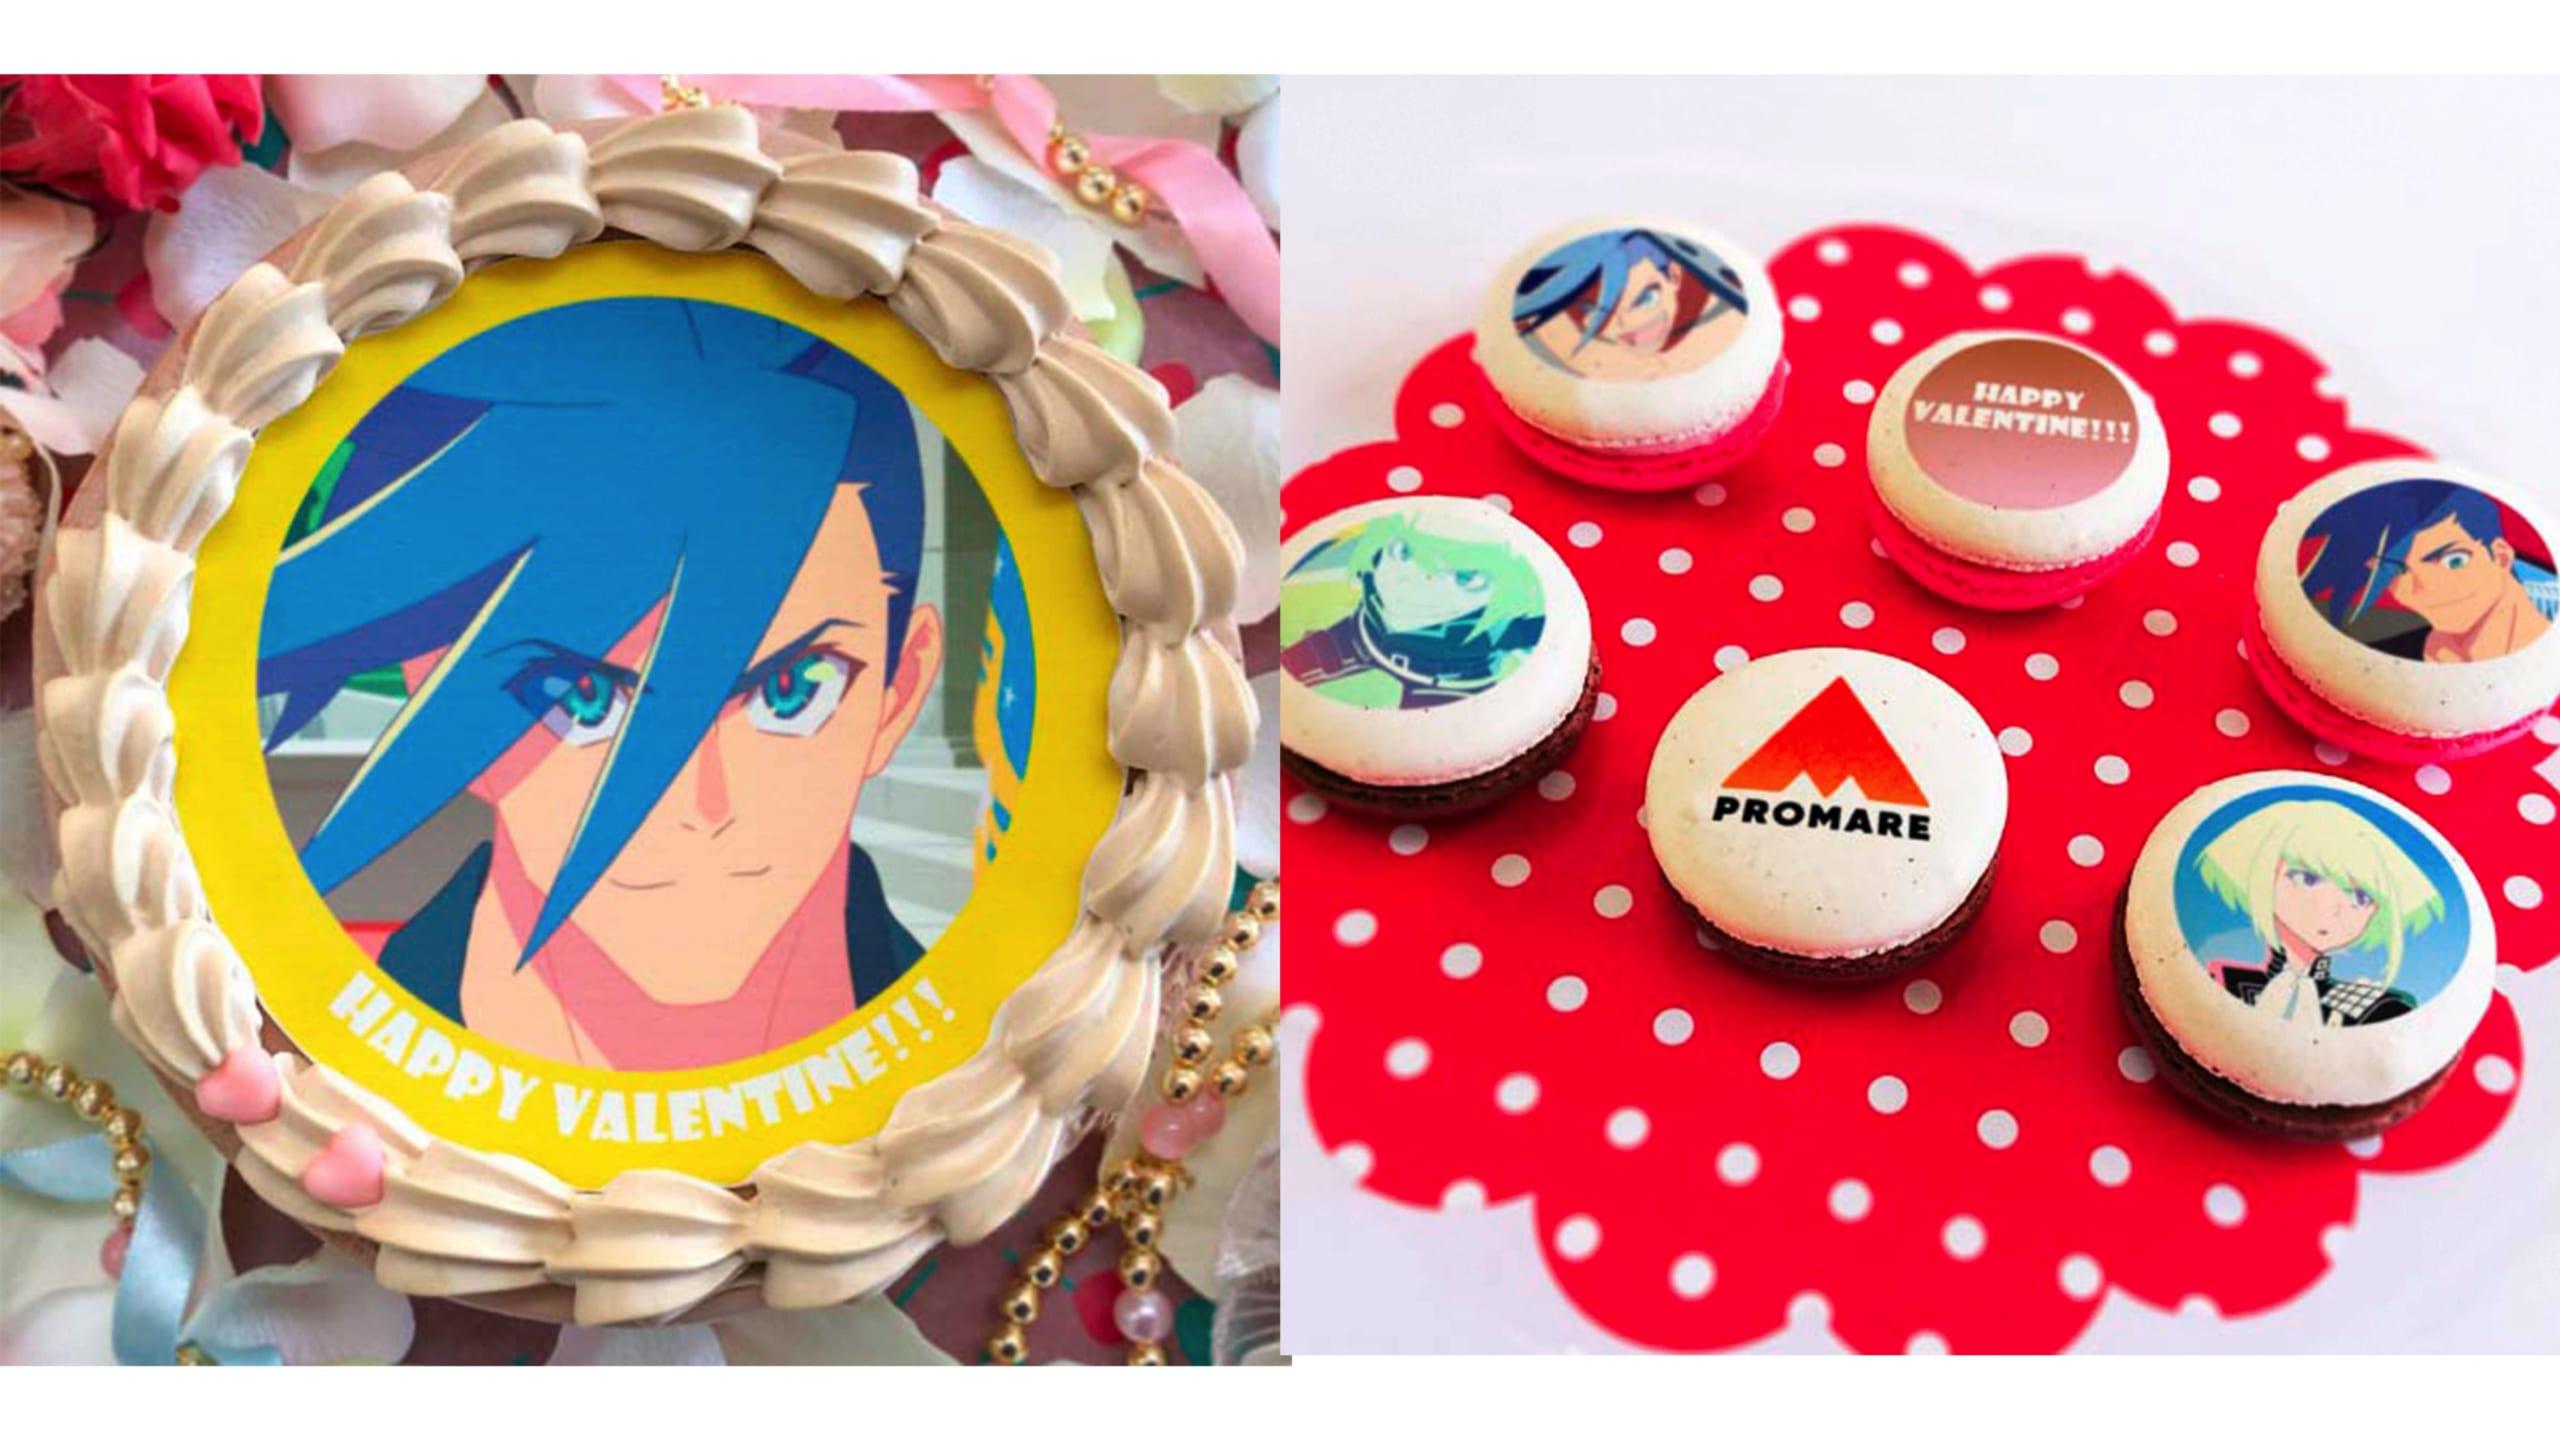 『プロメア』ガロやリオがプリントされたバレンタインスイーツ発売!味が選べるケーキ&カラフルなマカロンセット